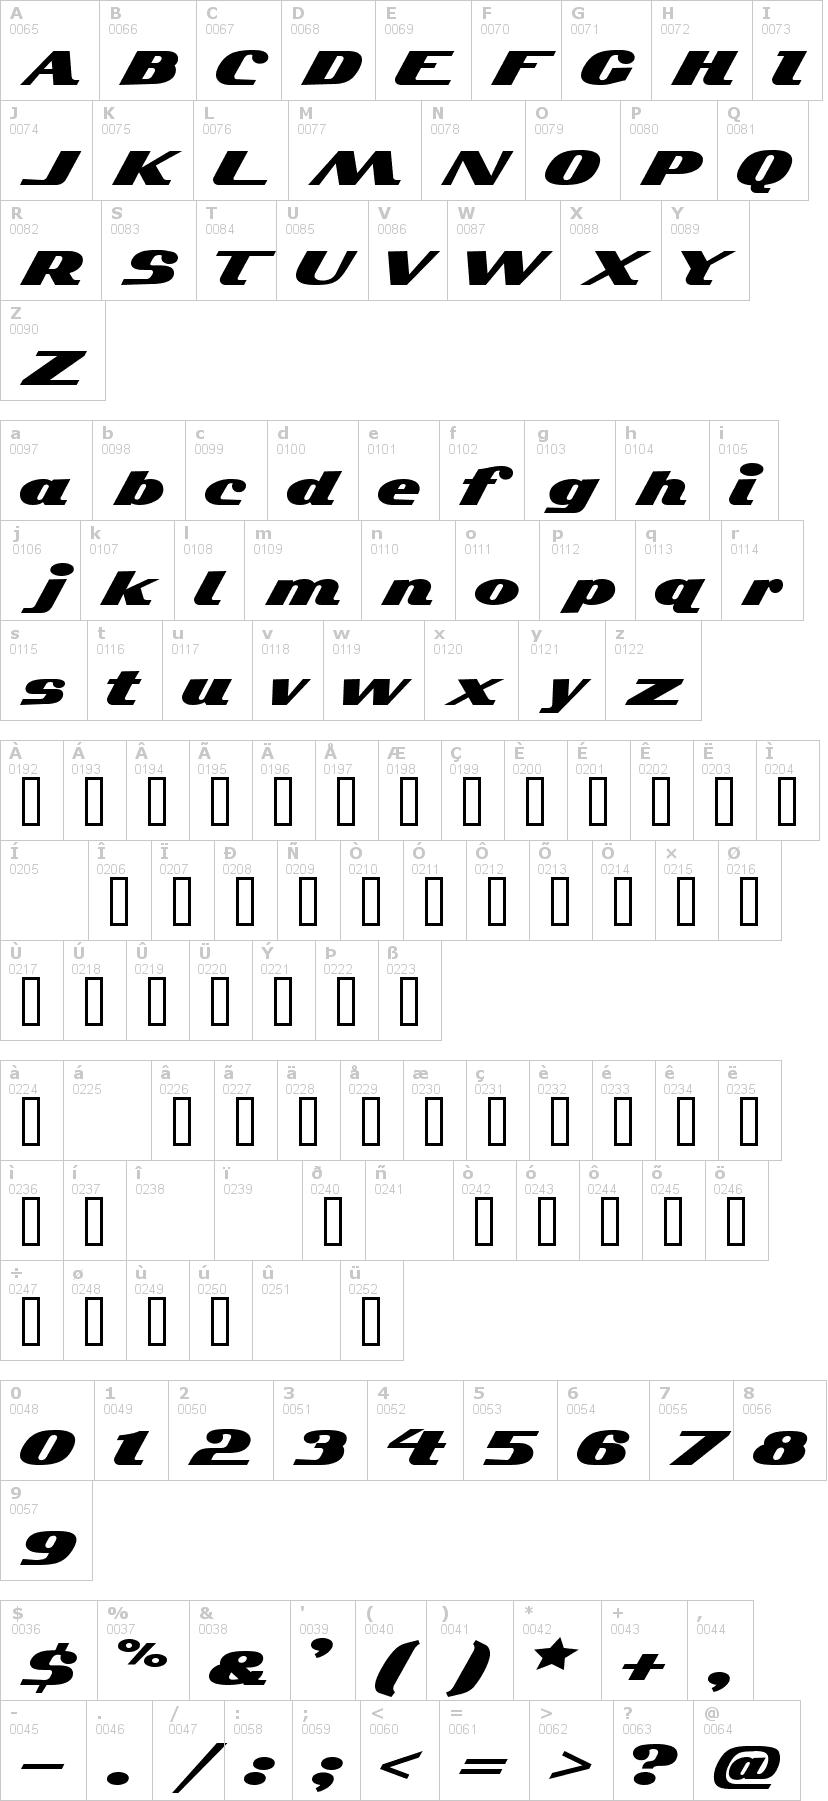 Lettere dell'alfabeto del font kelvinized con le quali è possibile realizzare adesivi prespaziati